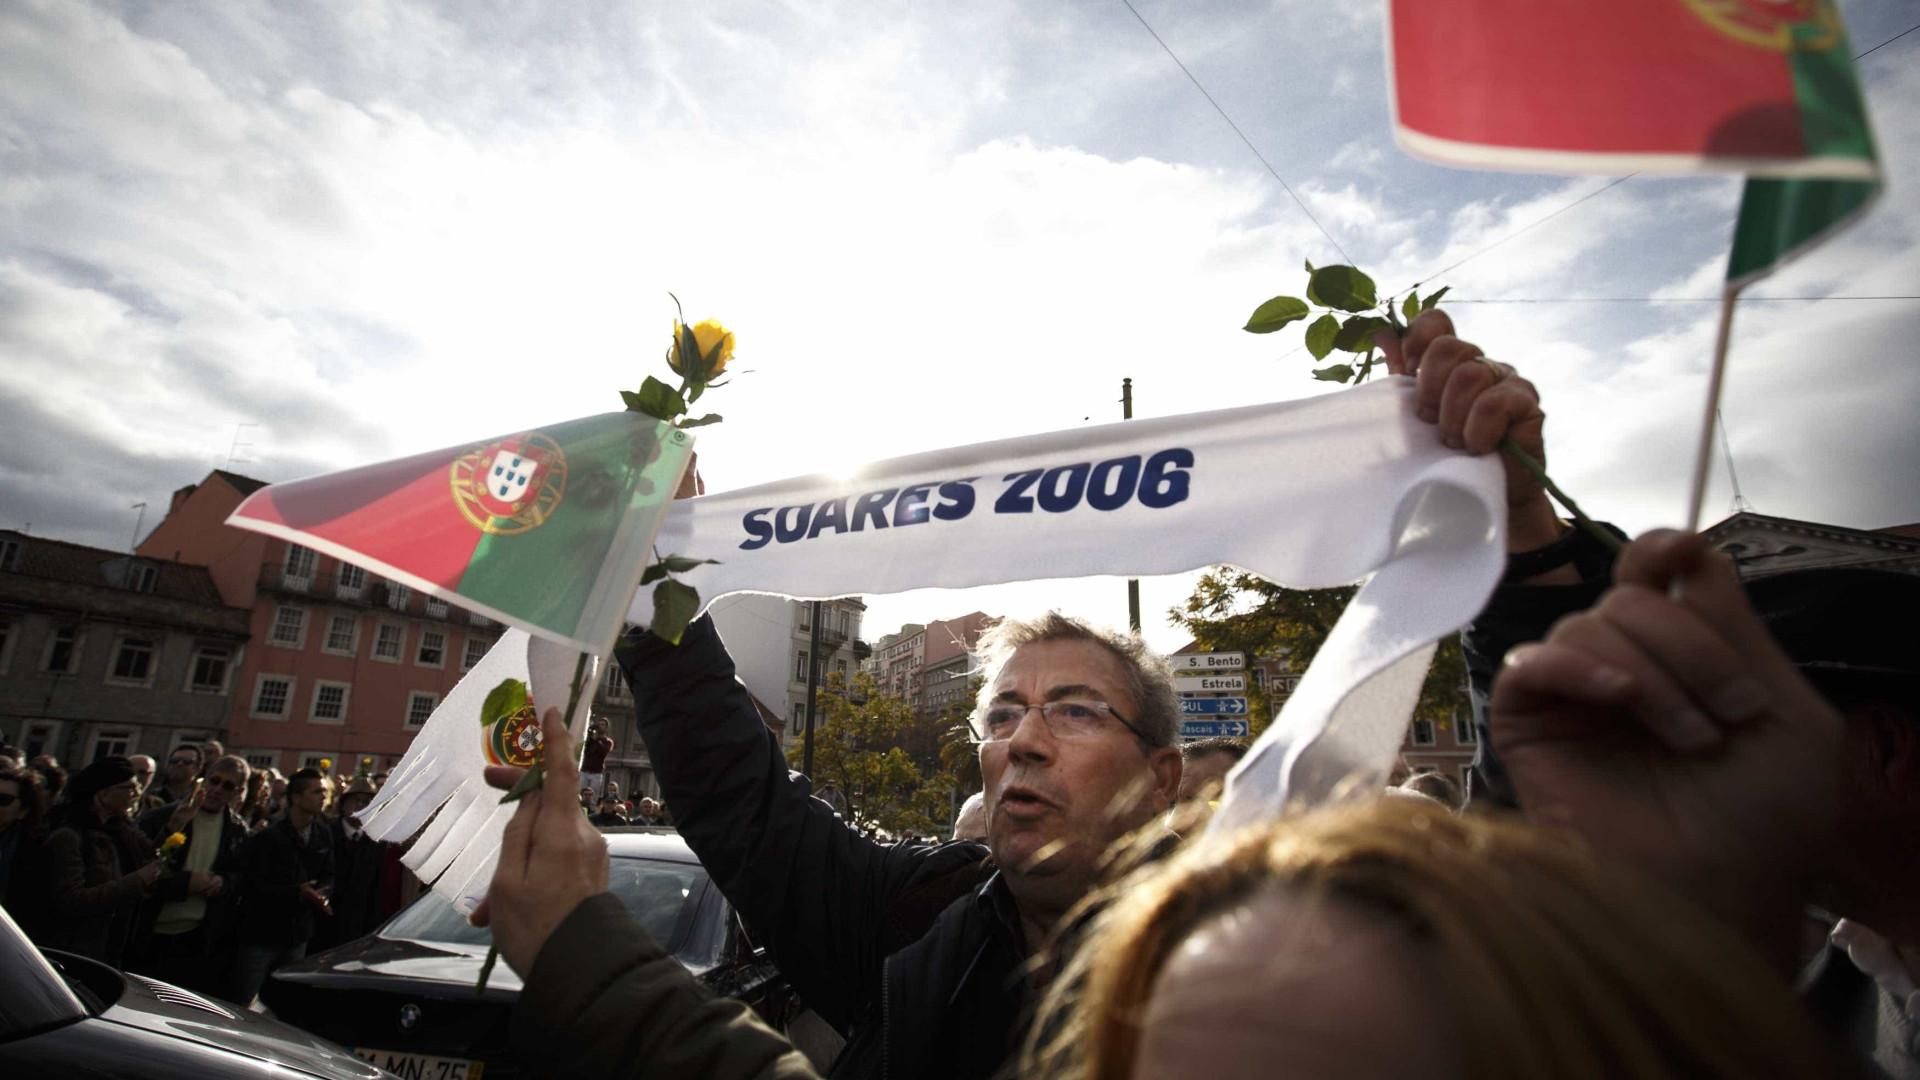 No último adeus, pediu-se que Soares desse nome à Avenida da Liberdade